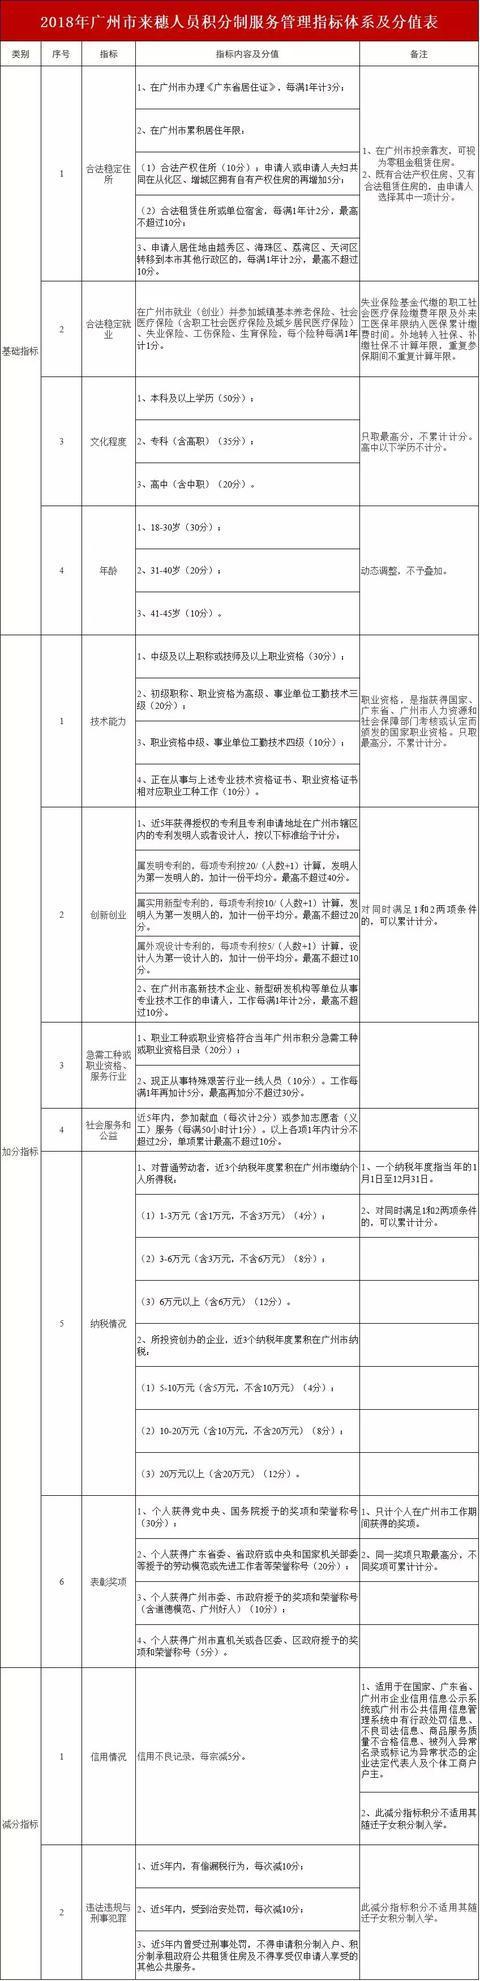 2018年广州总人口_2018广州市总工会关于延长系统直属事业单位招聘工作人员报